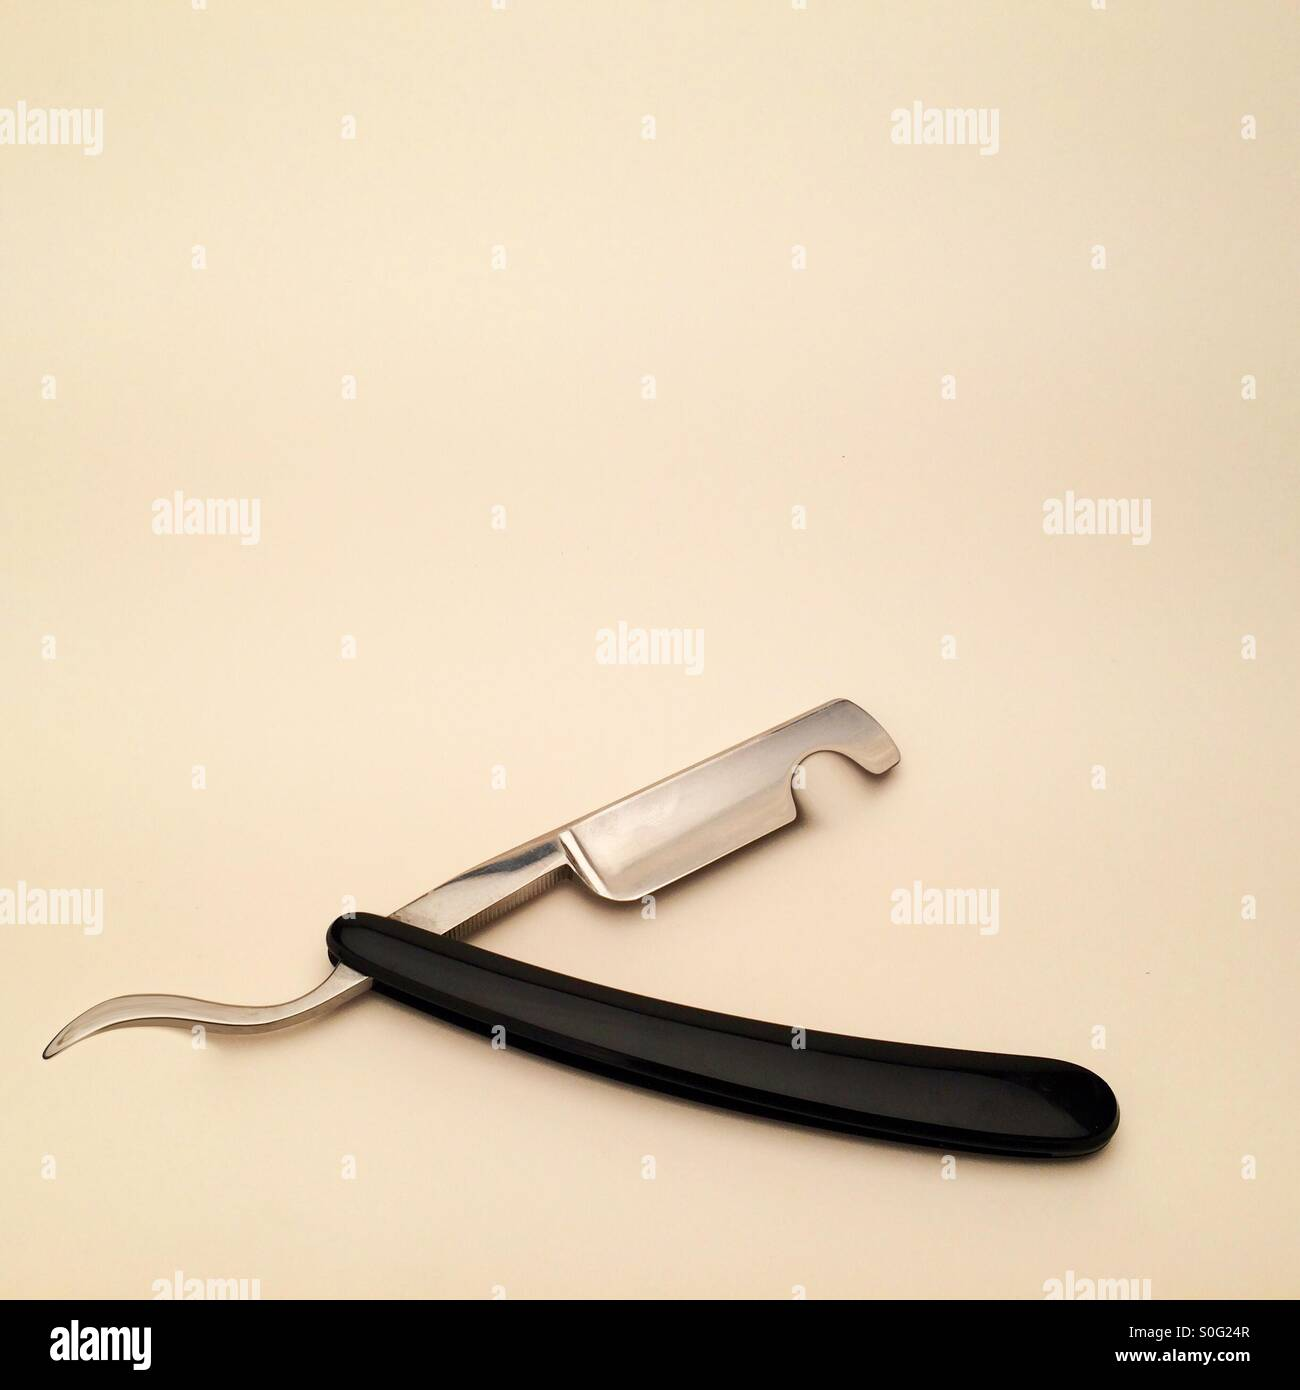 Manipulierte Bild zeigt einen Hals geschnitten-Rasierer mit einer Kerbe genommen aus ihm heraus, viel Platz für Stockbild